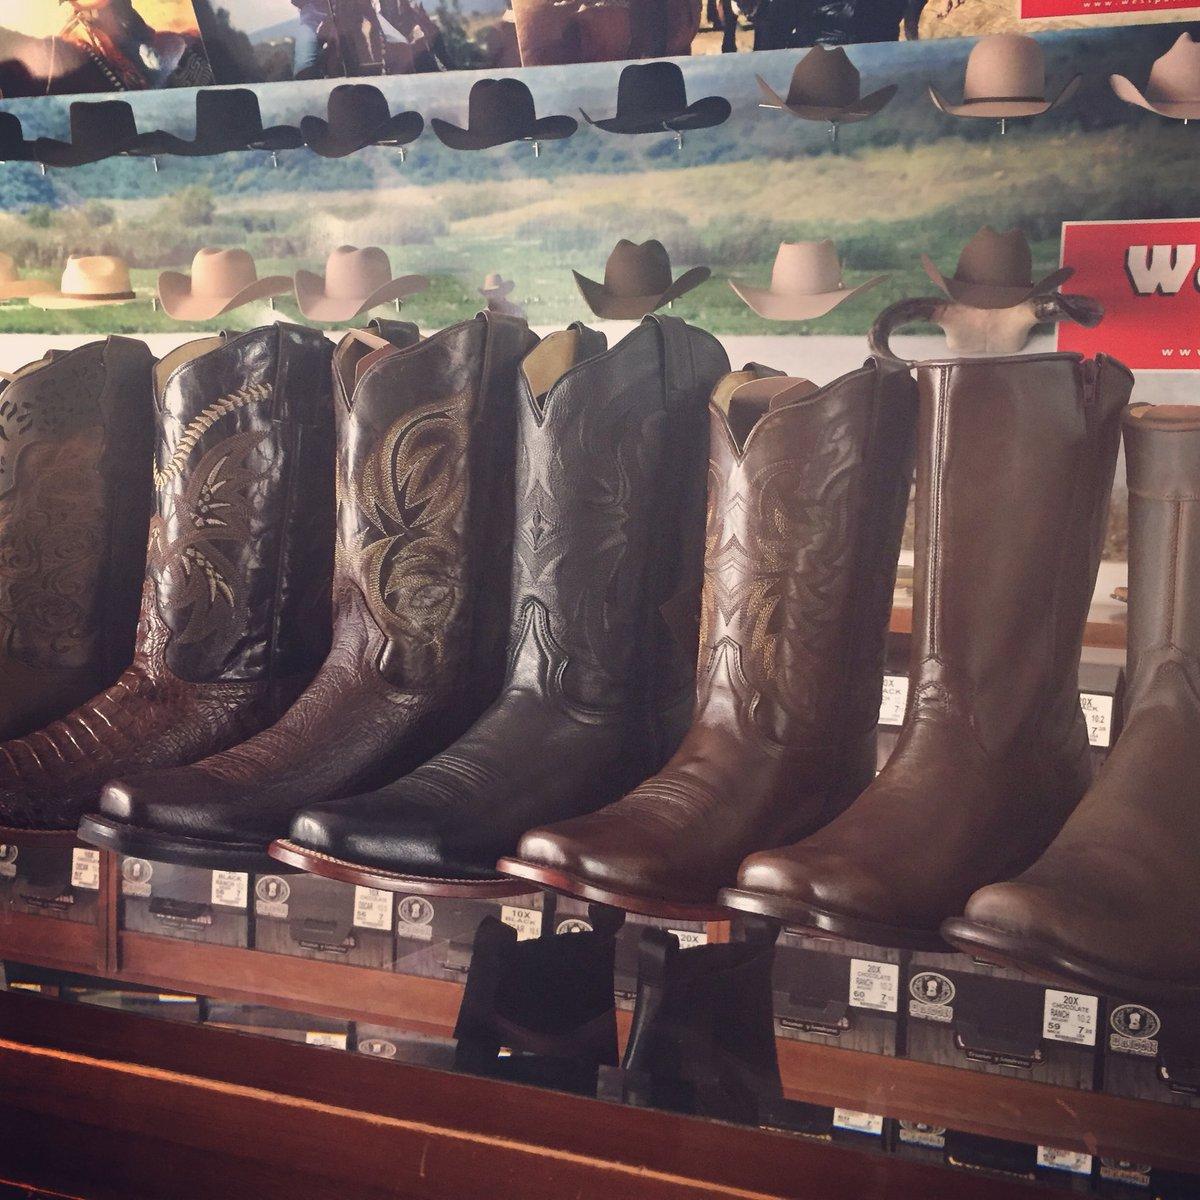 venta reino unido patrones de moda lindos zapatos WestPointHats on Twitter: